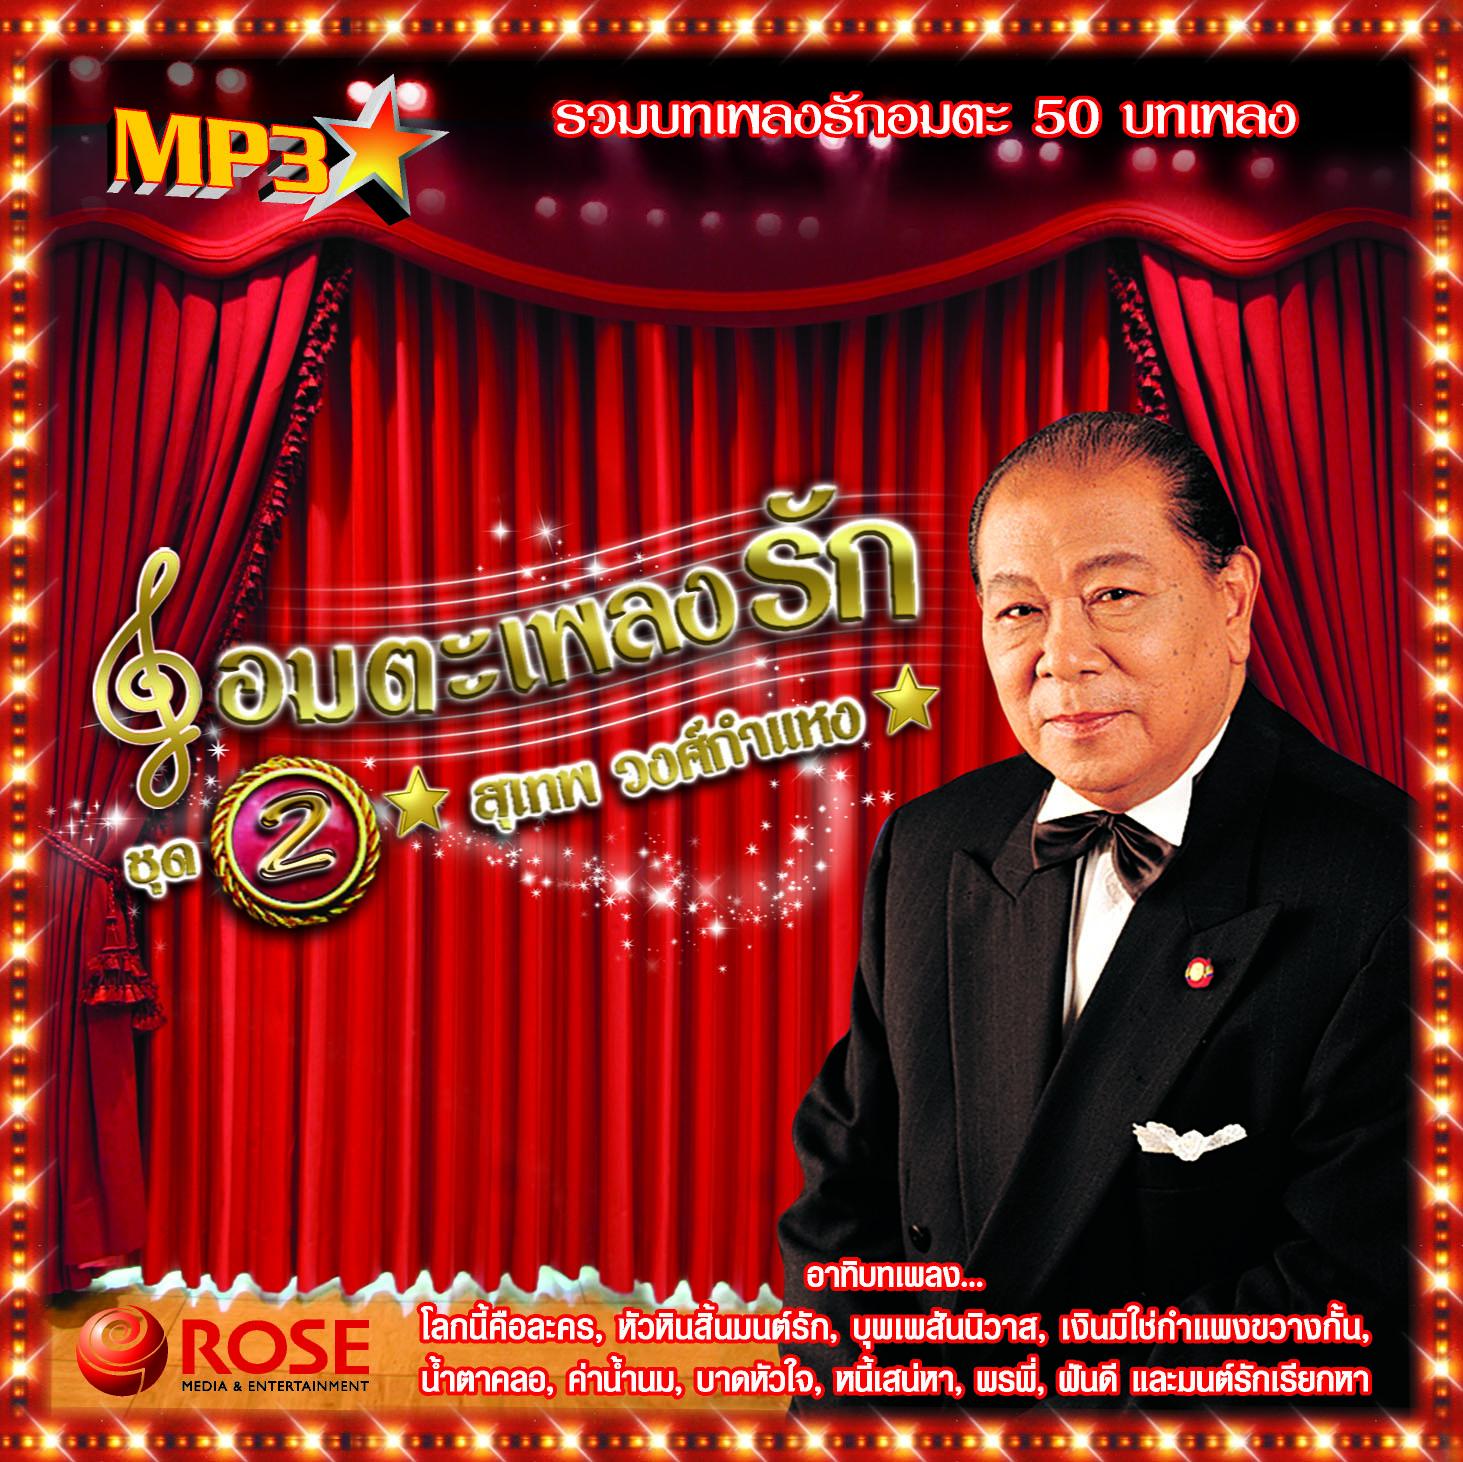 MP3 อมตะเพลงรัก สุเทพ วงศ์กำแหง ชุด2